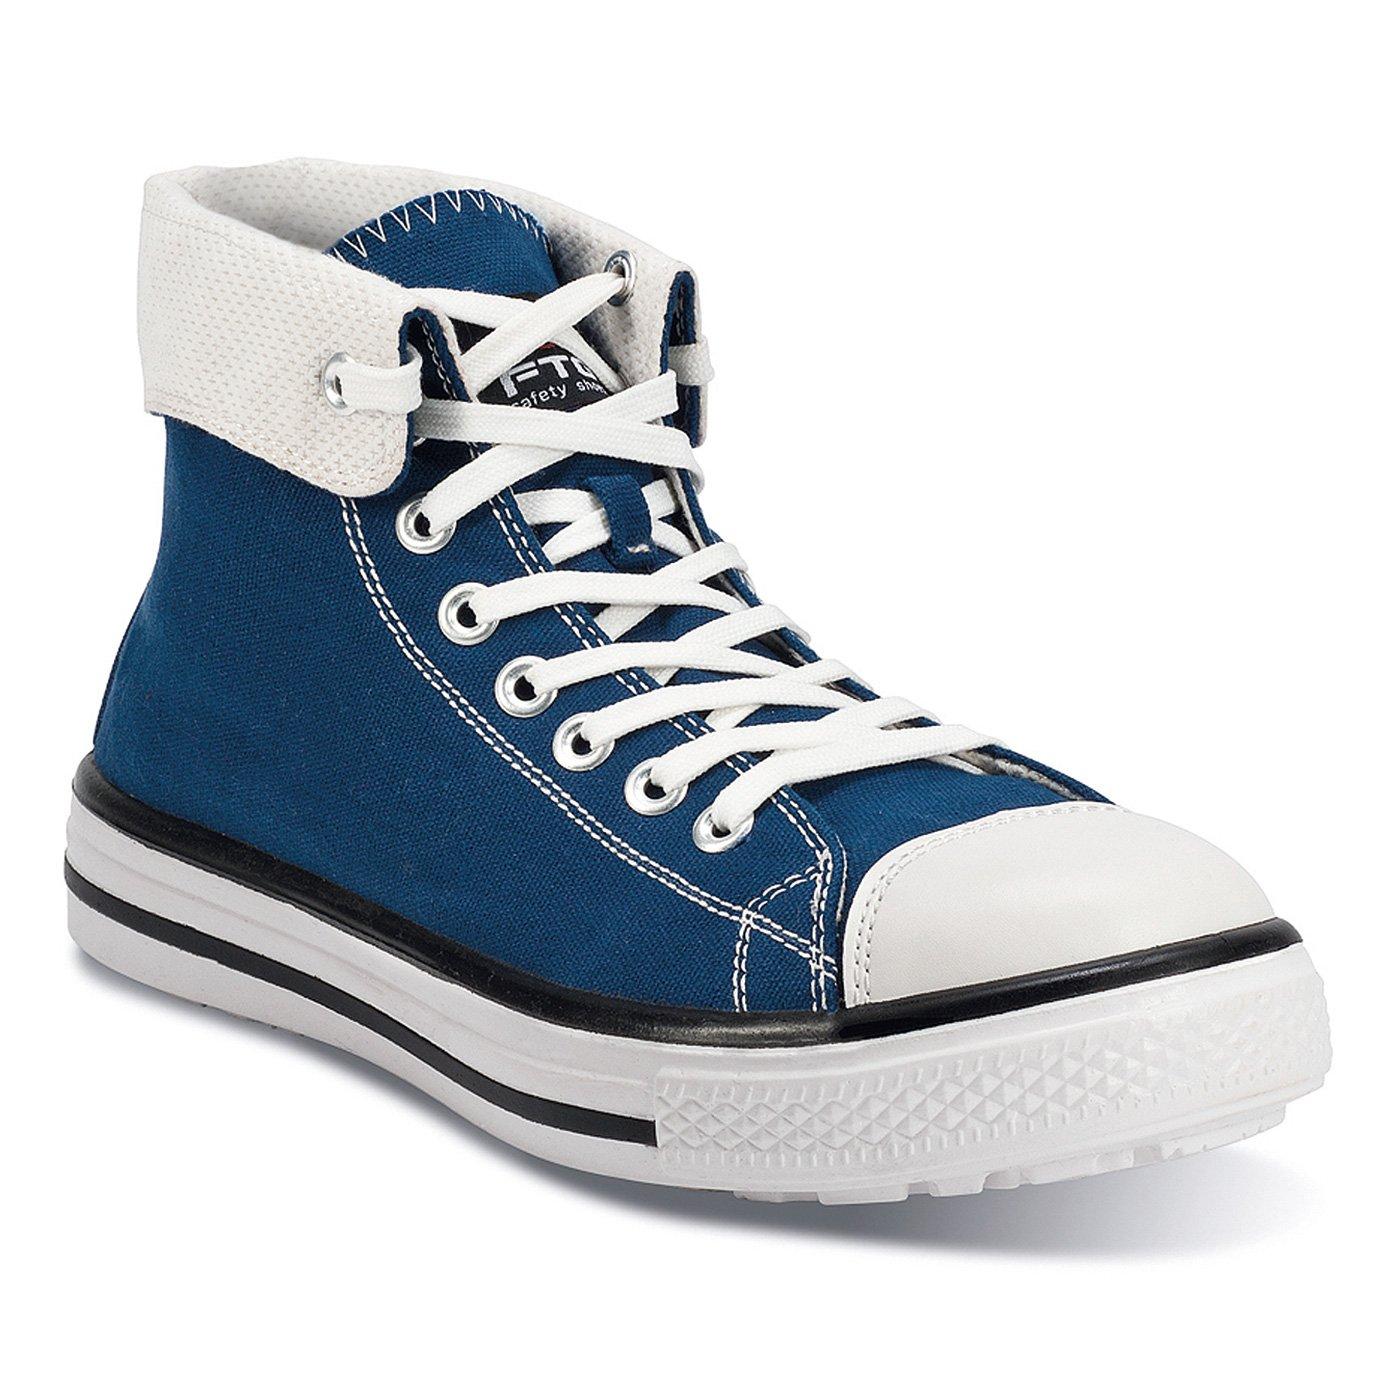 FTG Sicherheitsschuhe Music Blaus High S1P Blau SRC, Sicherheitsstiefel Sneaker blau Blau S1P a6c907